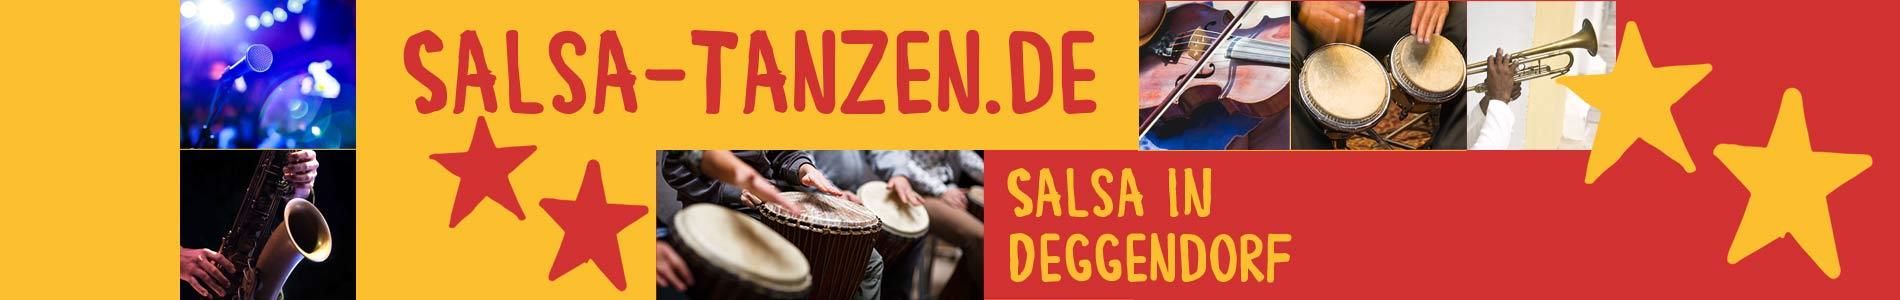 Salsa in Deggendorf – Salsa lernen und tanzen, Tanzkurse, Partys, Veranstaltungen